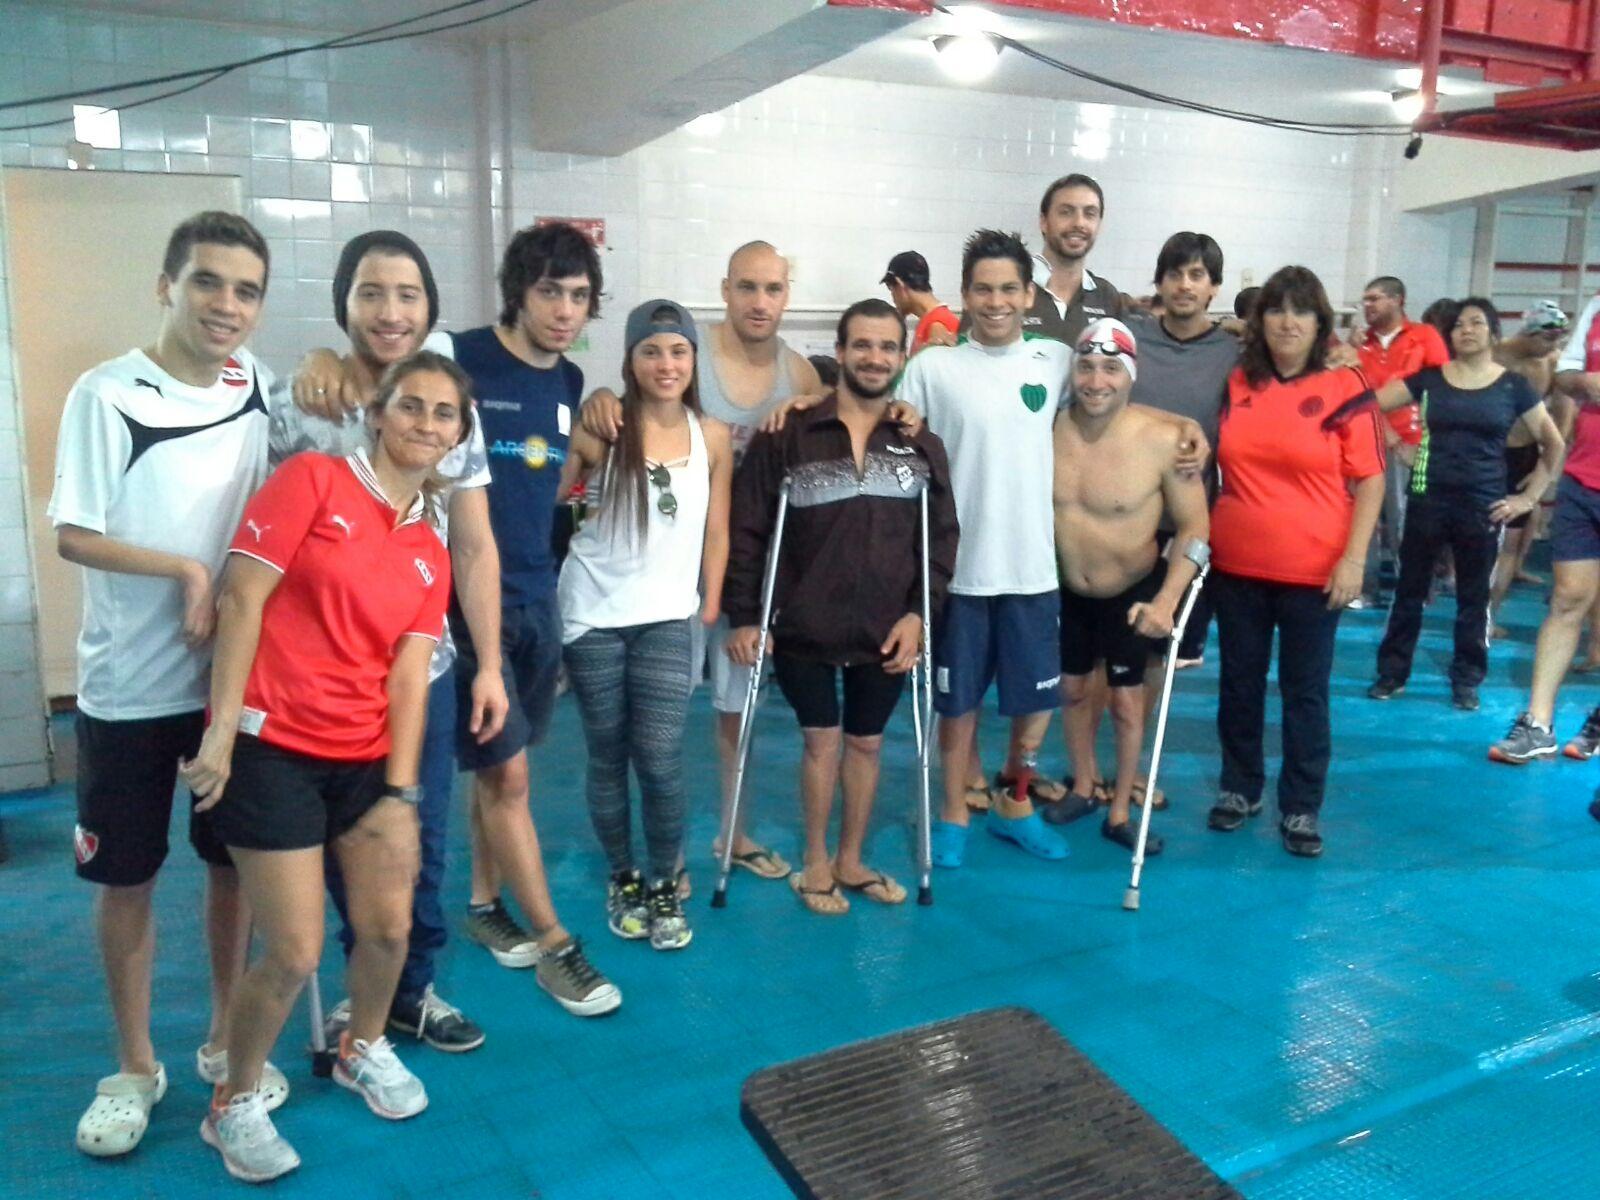 La fiesta de la natación adaptada se mudó de Toronto a Avellaneda